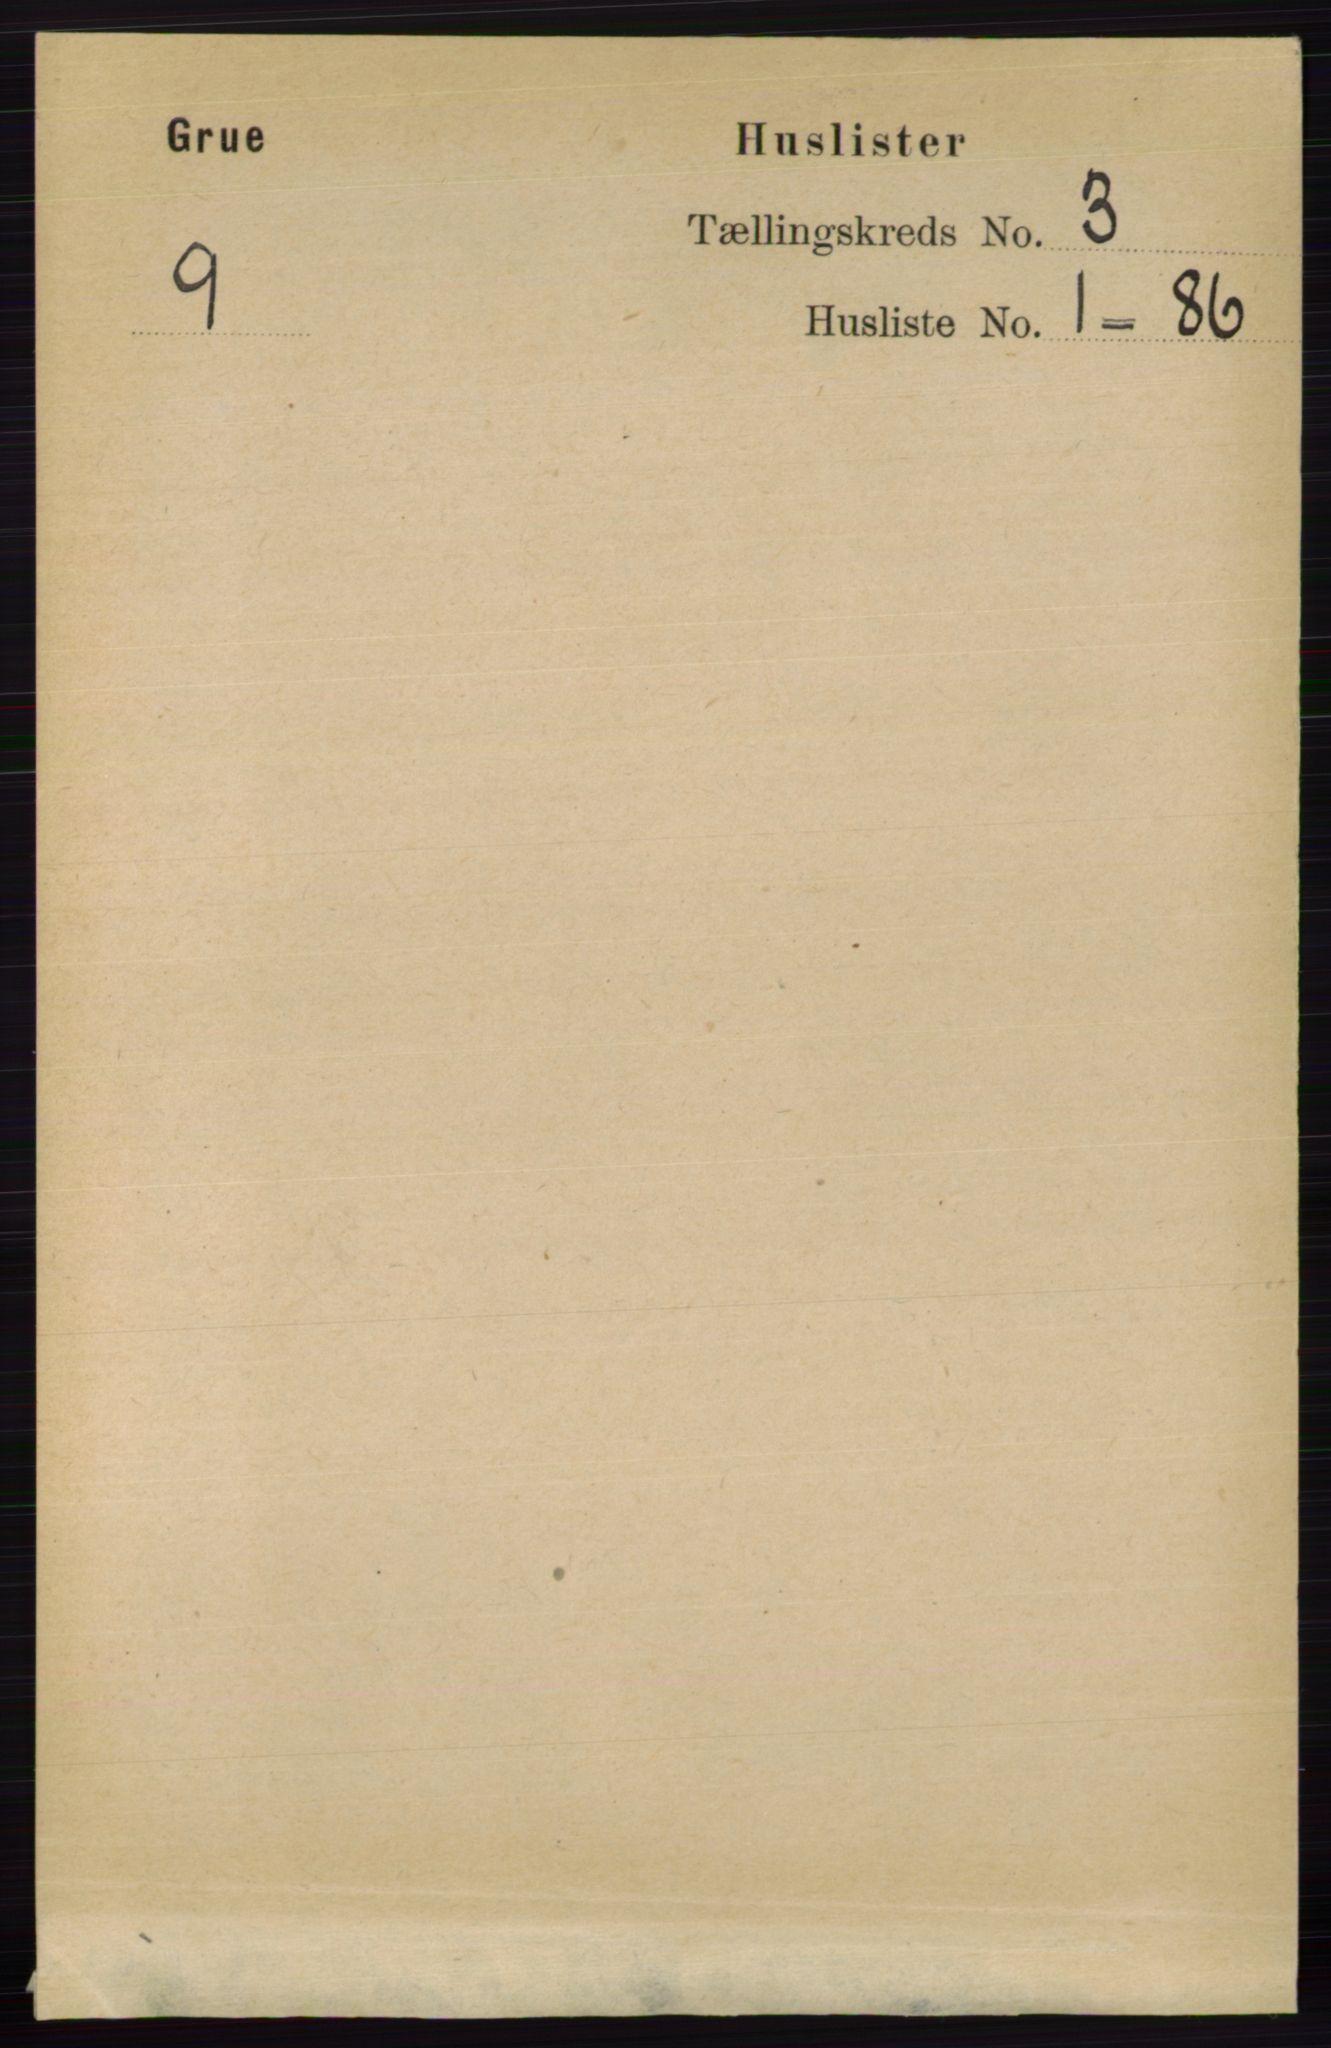 RA, Folketelling 1891 for 0423 Grue herred, 1891, s. 1453